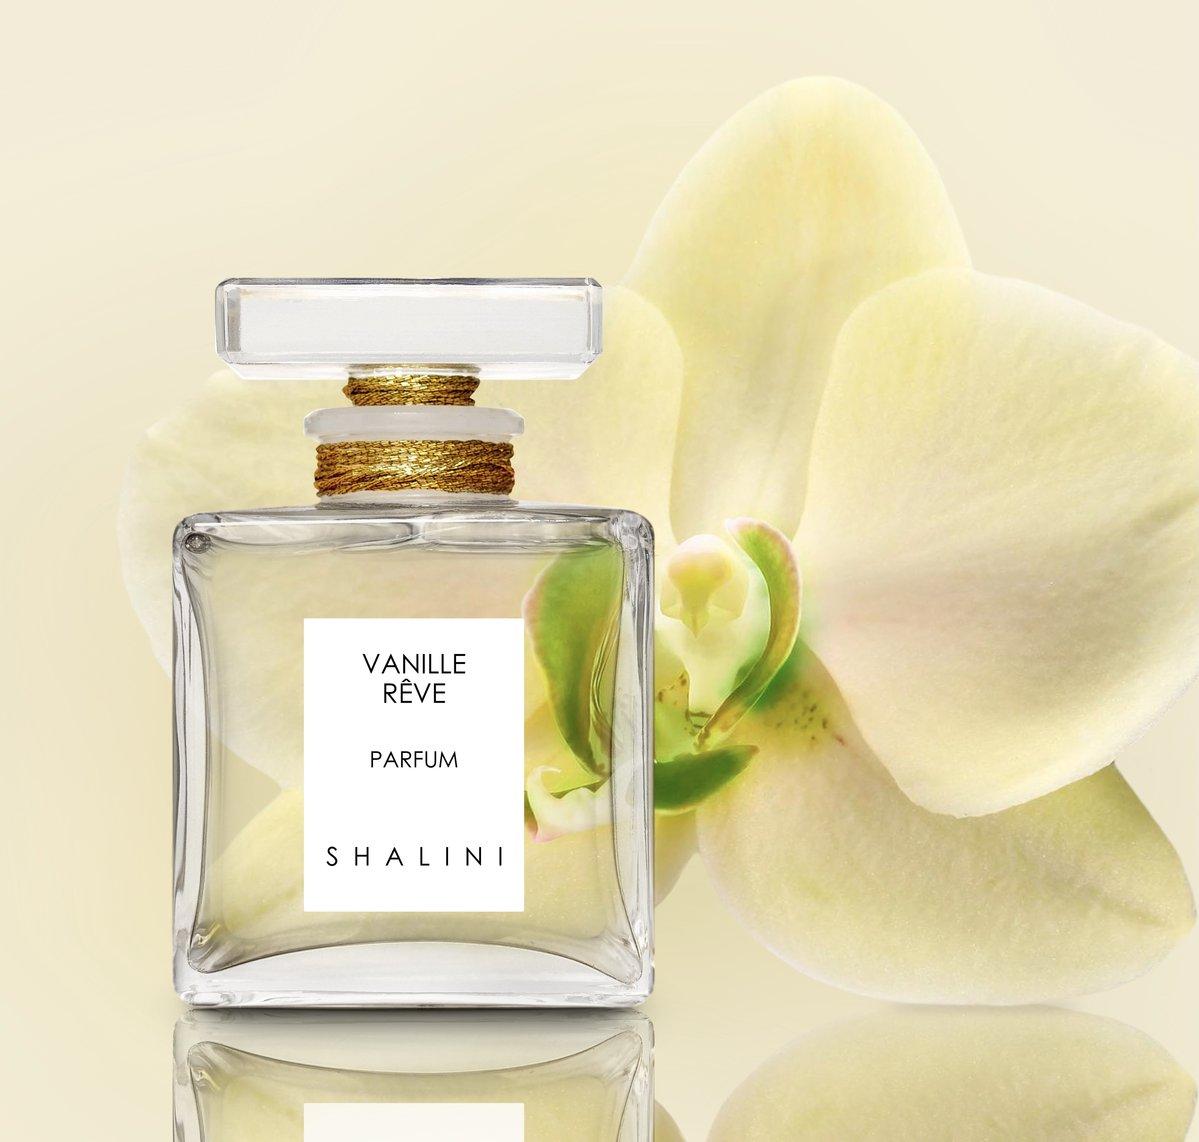 Shalini Vanilla Reve